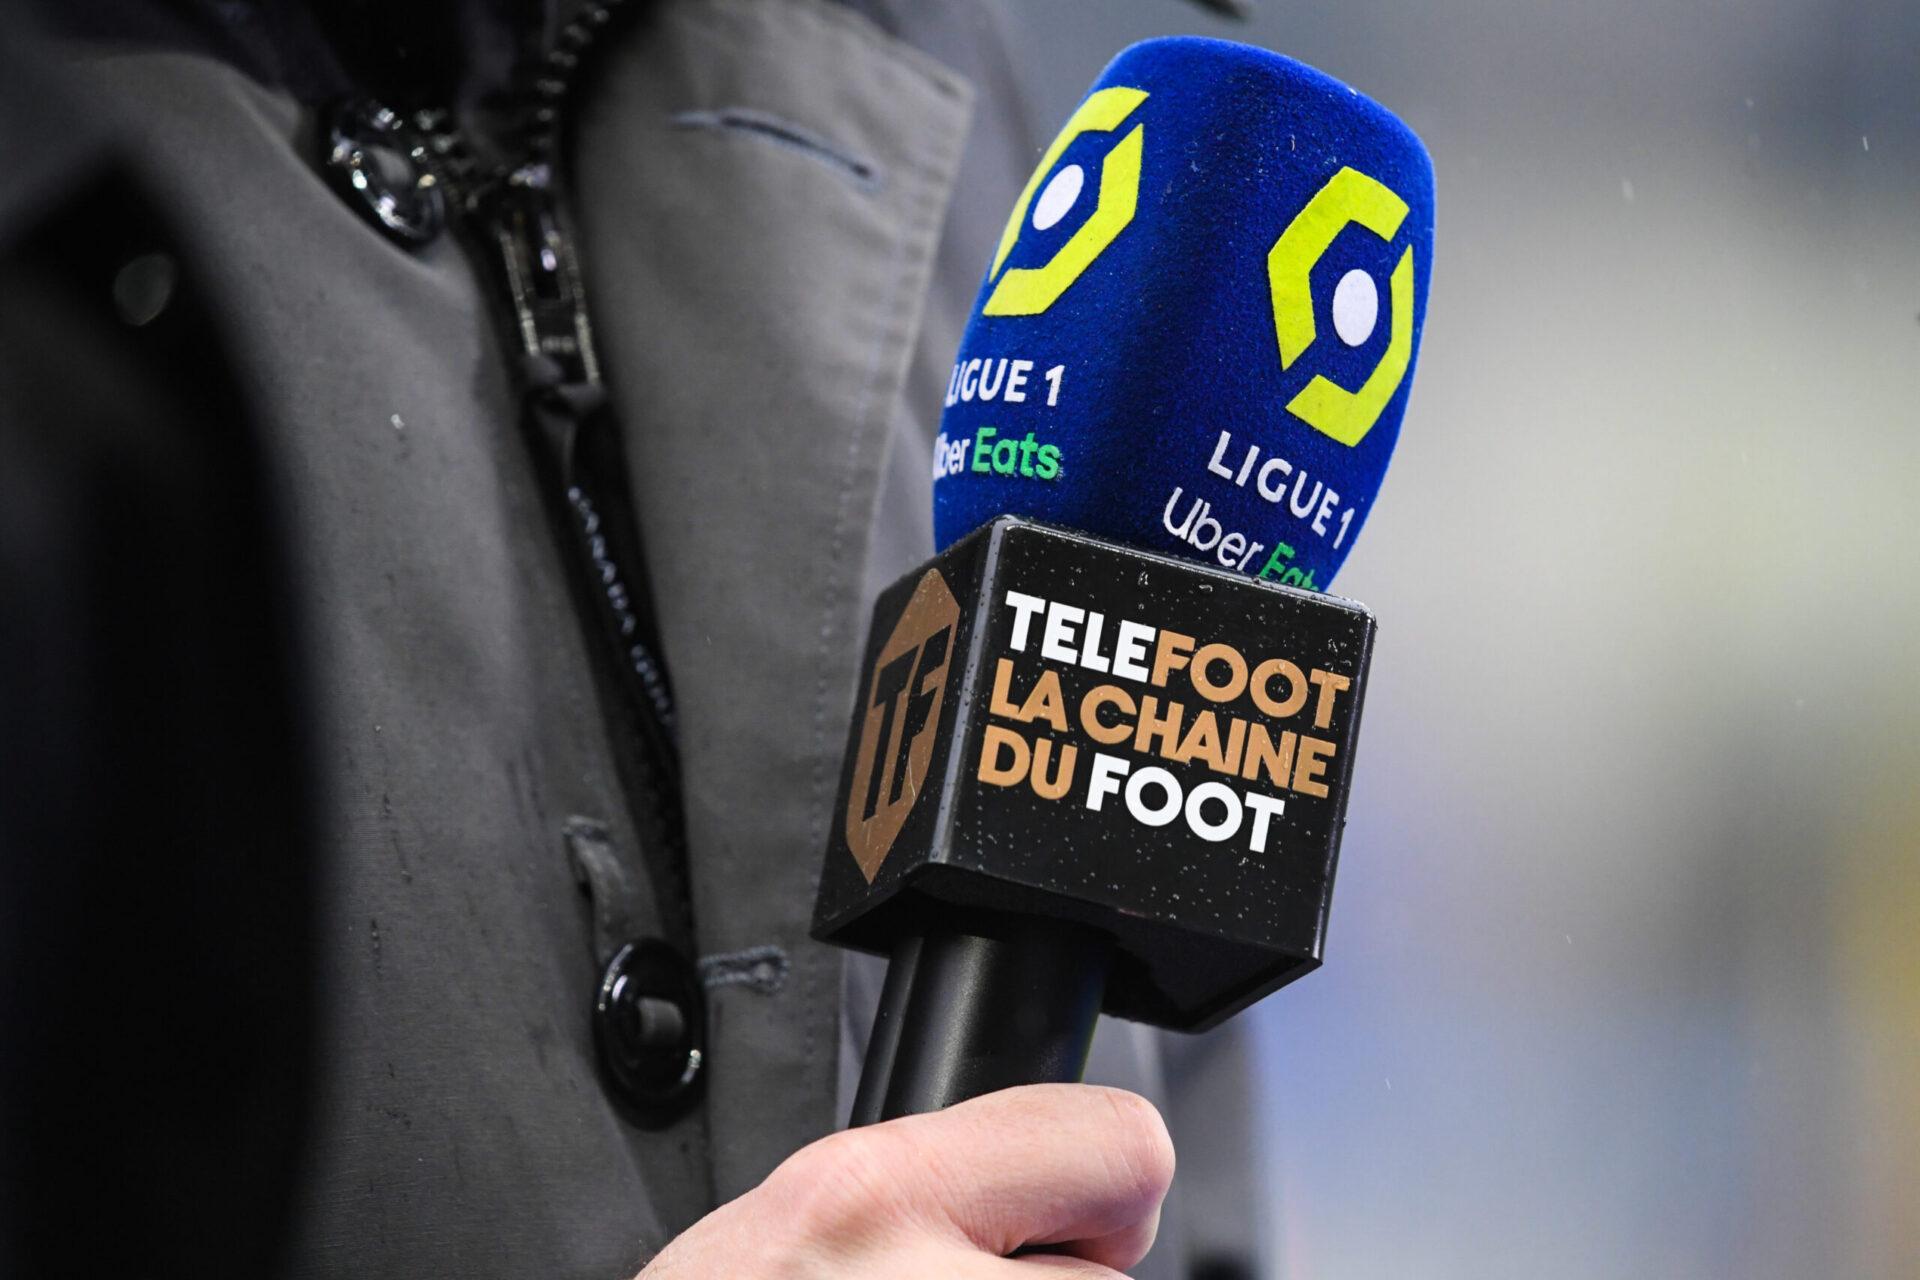 Téléfoot, ancienne chaîne de télévision du groupe Mediapro (IconSport)